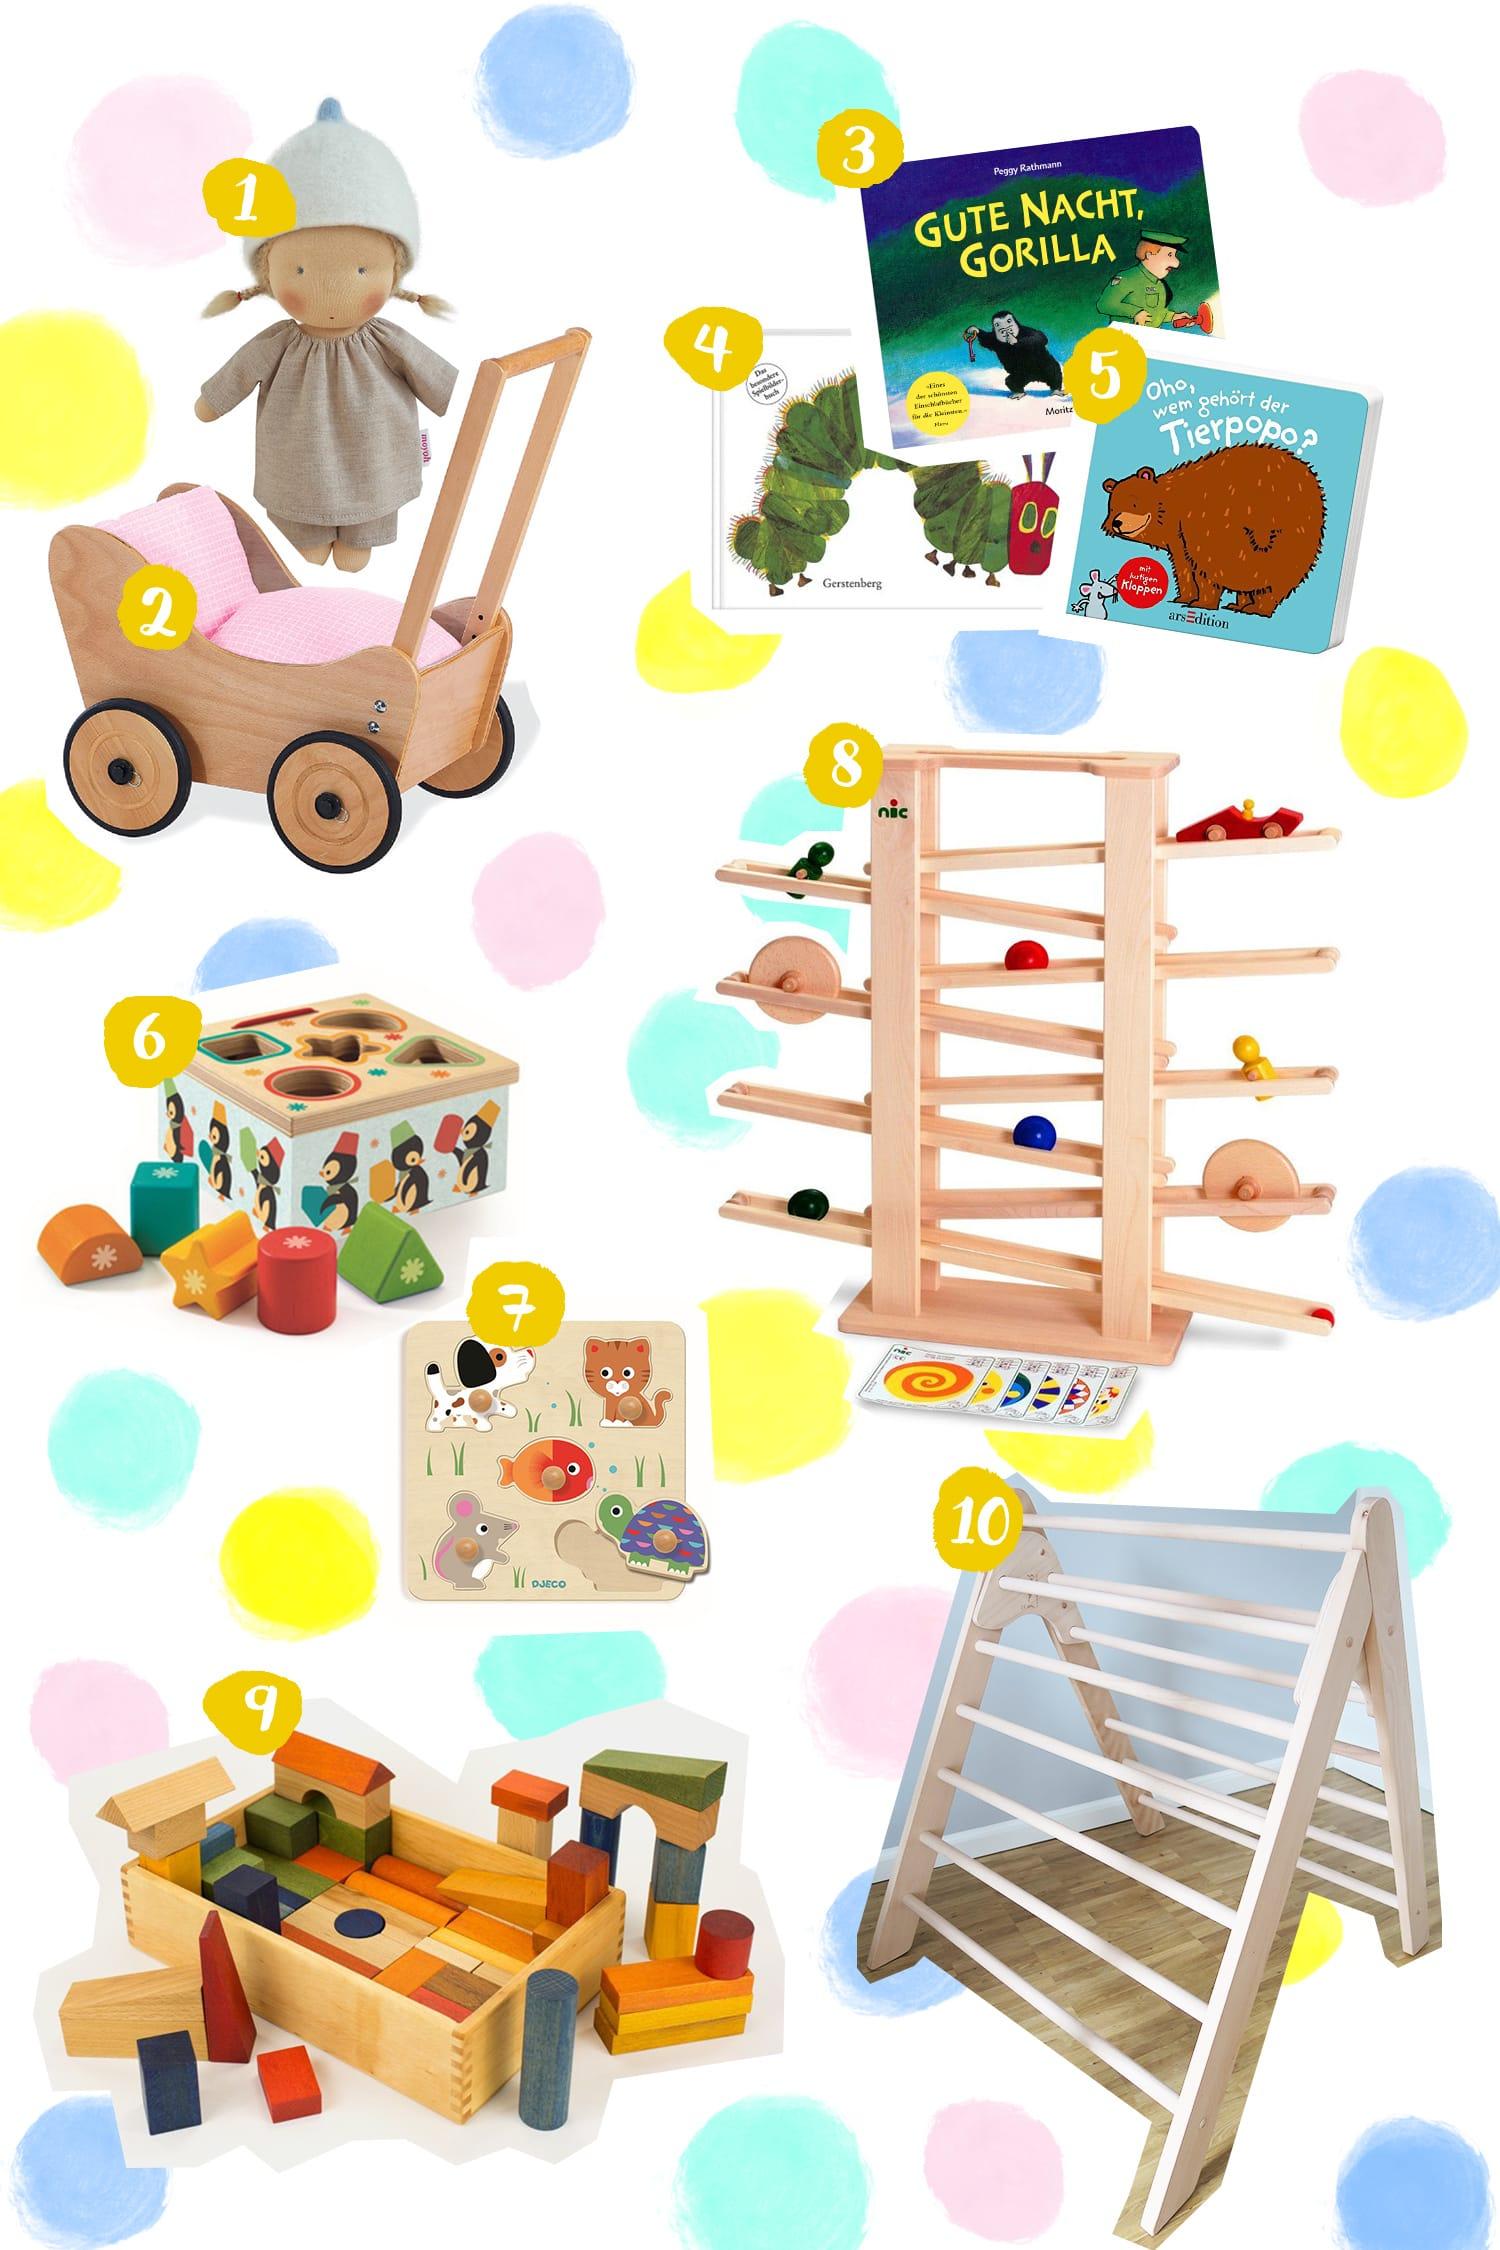 sinnvolle geschenke zum 1 geburtstag spielzeug f r baby kleinkind. Black Bedroom Furniture Sets. Home Design Ideas